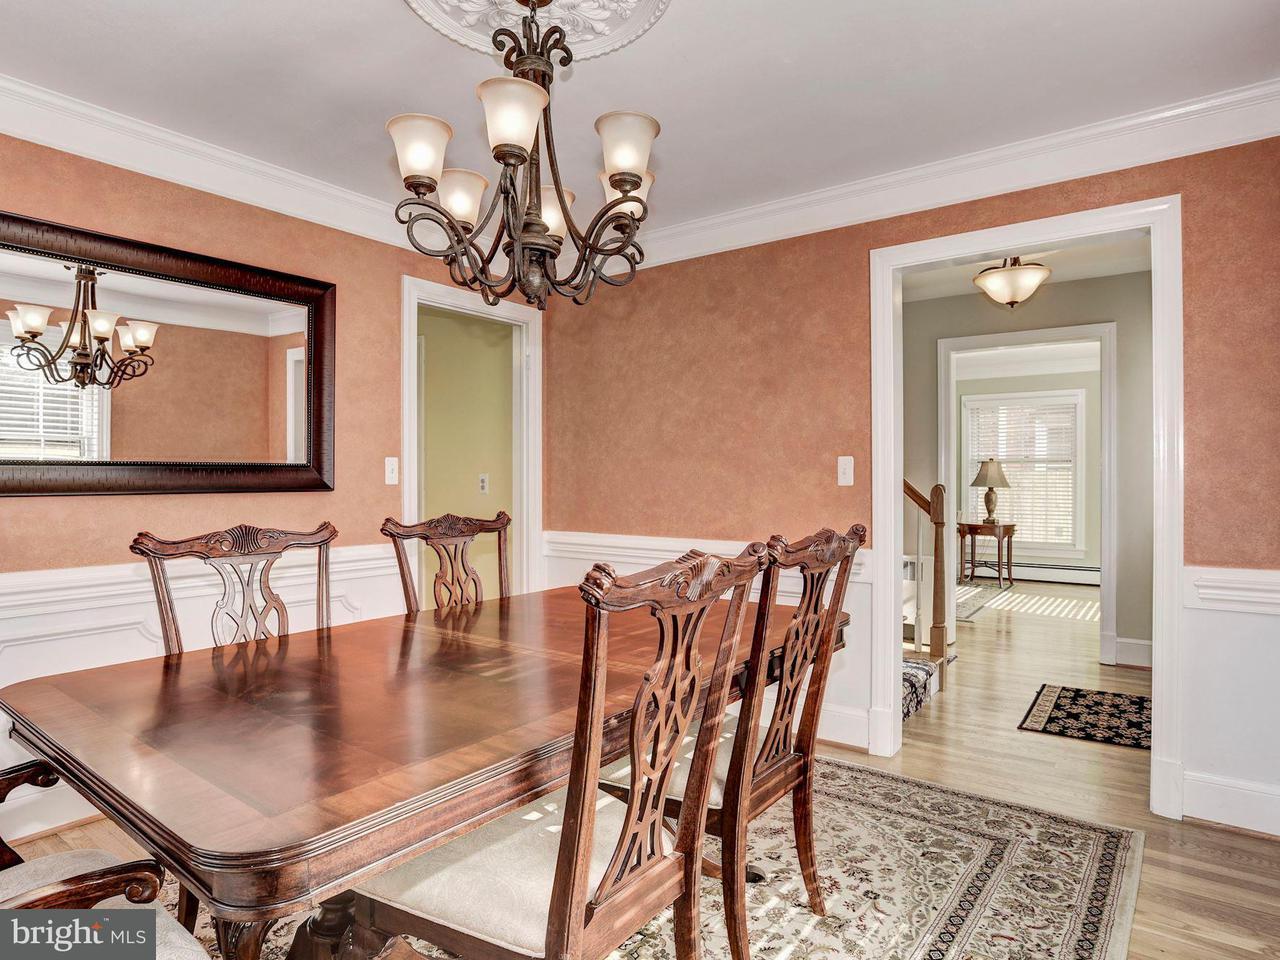 Additional photo for property listing at 1321 Royston Street 1321 Royston Street Fredericksburg, Virginia 22401 Estados Unidos